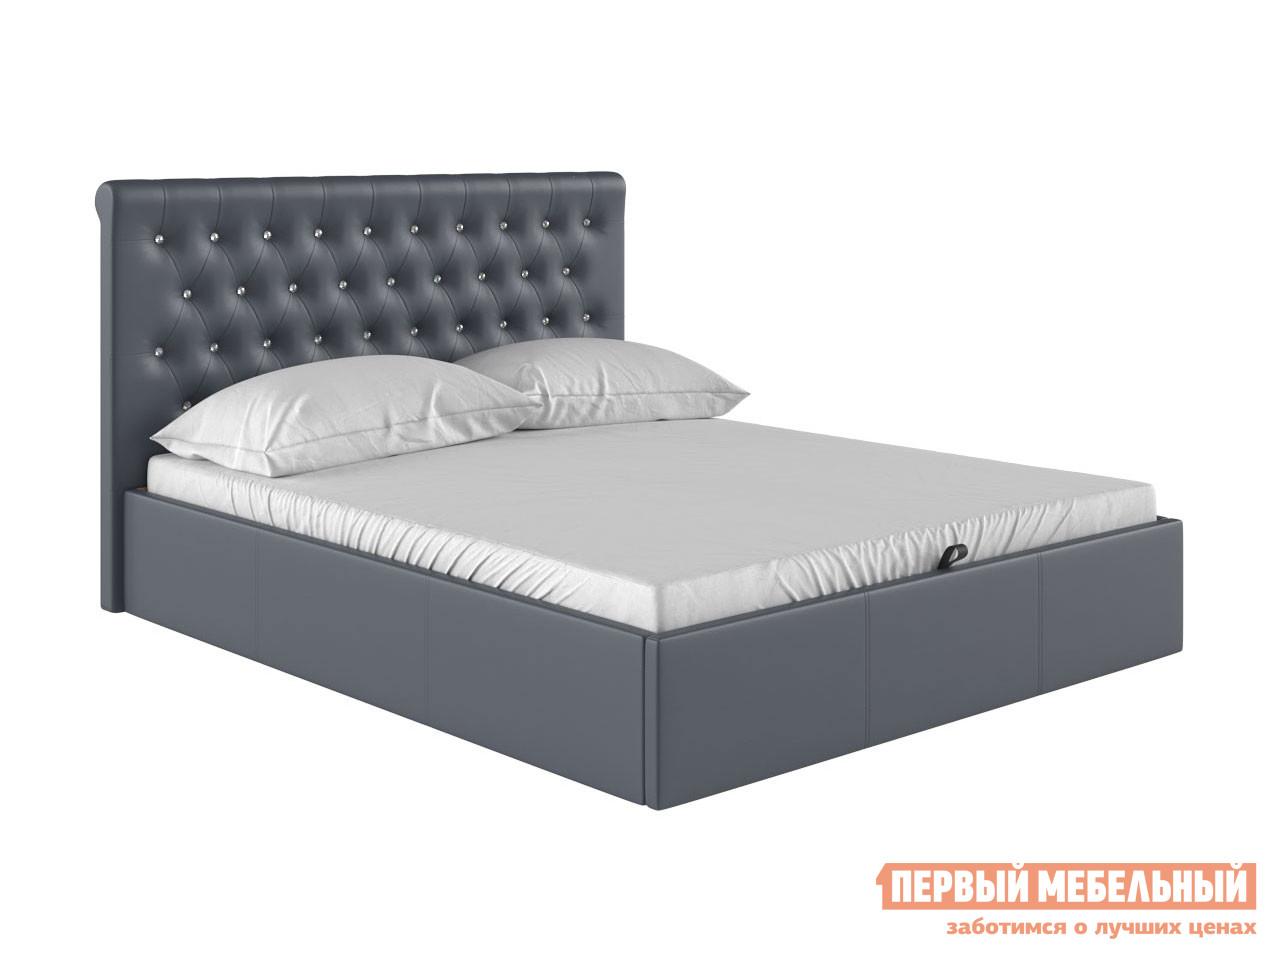 Двуспальная кровать  Кровать с подъемным механизмом Женева Серый, экокожа, 1800 Х 2000 мм — Кровать с подъемным механизмом Женева Серый, экокожа, 1800 Х 2000 мм